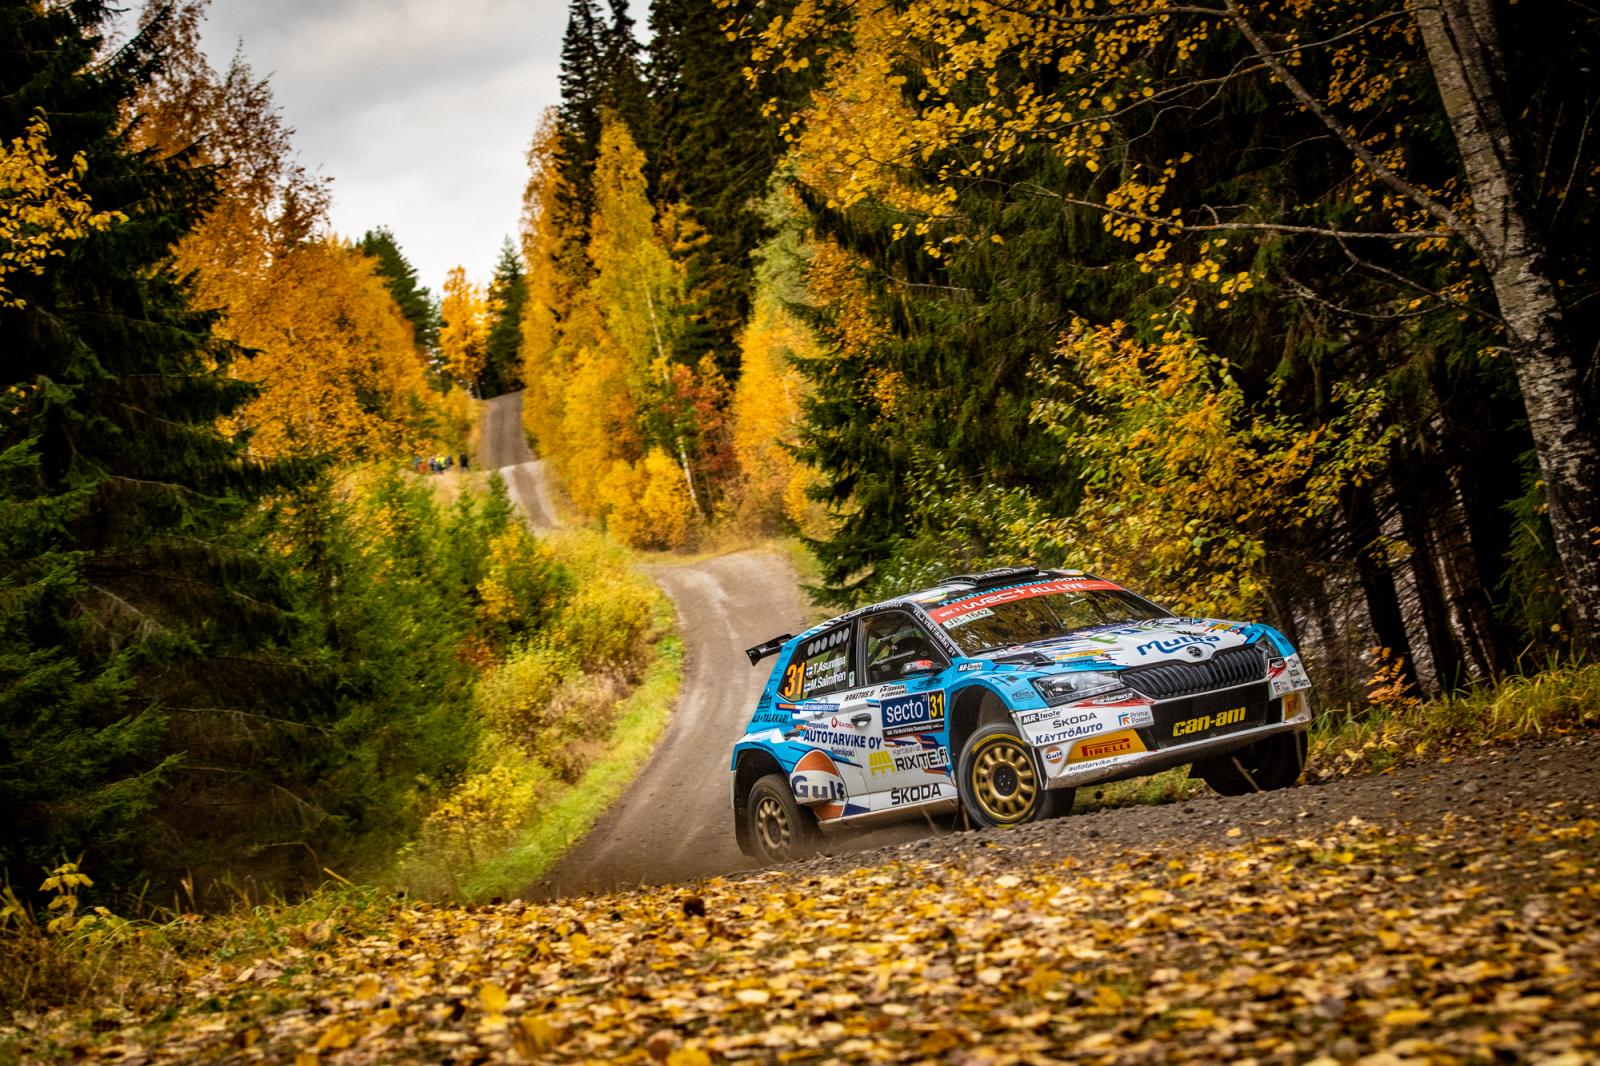 Teemu Asunmaa ja Marko Salminen Secto Automotive Rally Finlandissa.Kuva: Honza Fronek/Rally-Mania.cz